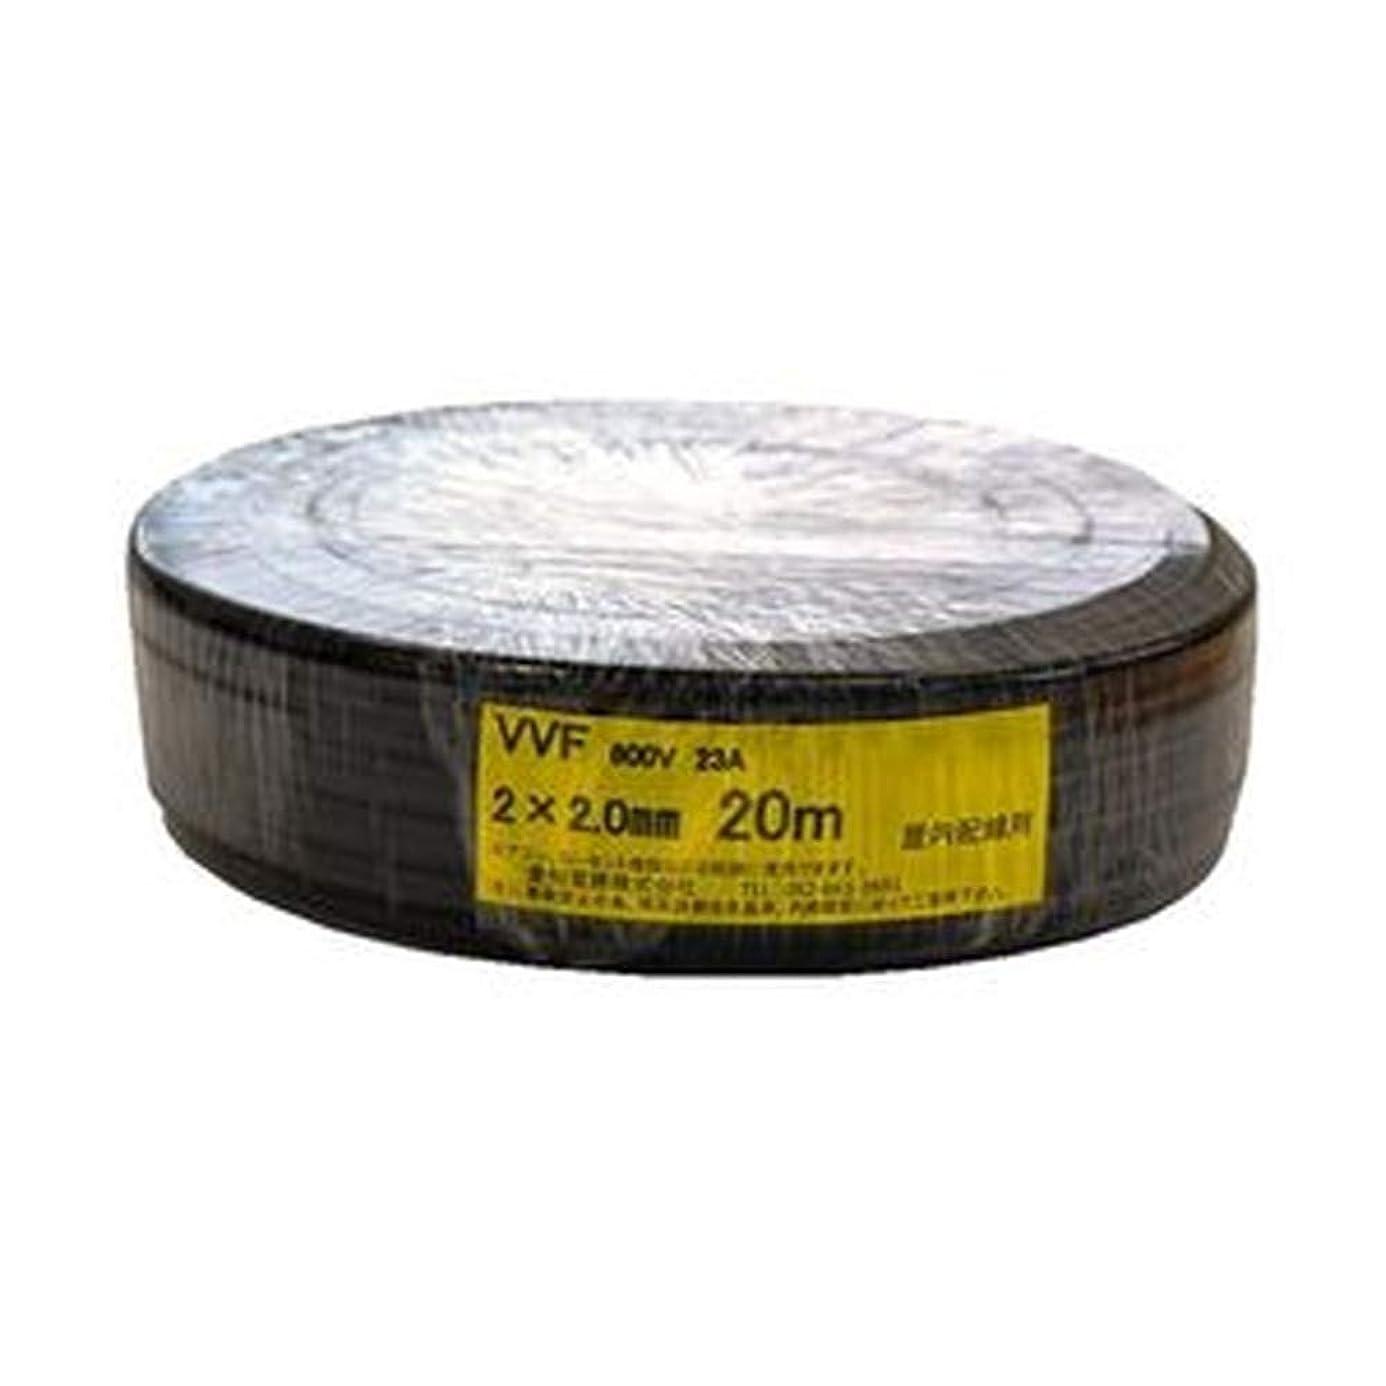 引き出しテレビ財産愛知電線 VVF ケーブル2芯 2.0mm 20m 黒 VVF2×2.0-20M-B